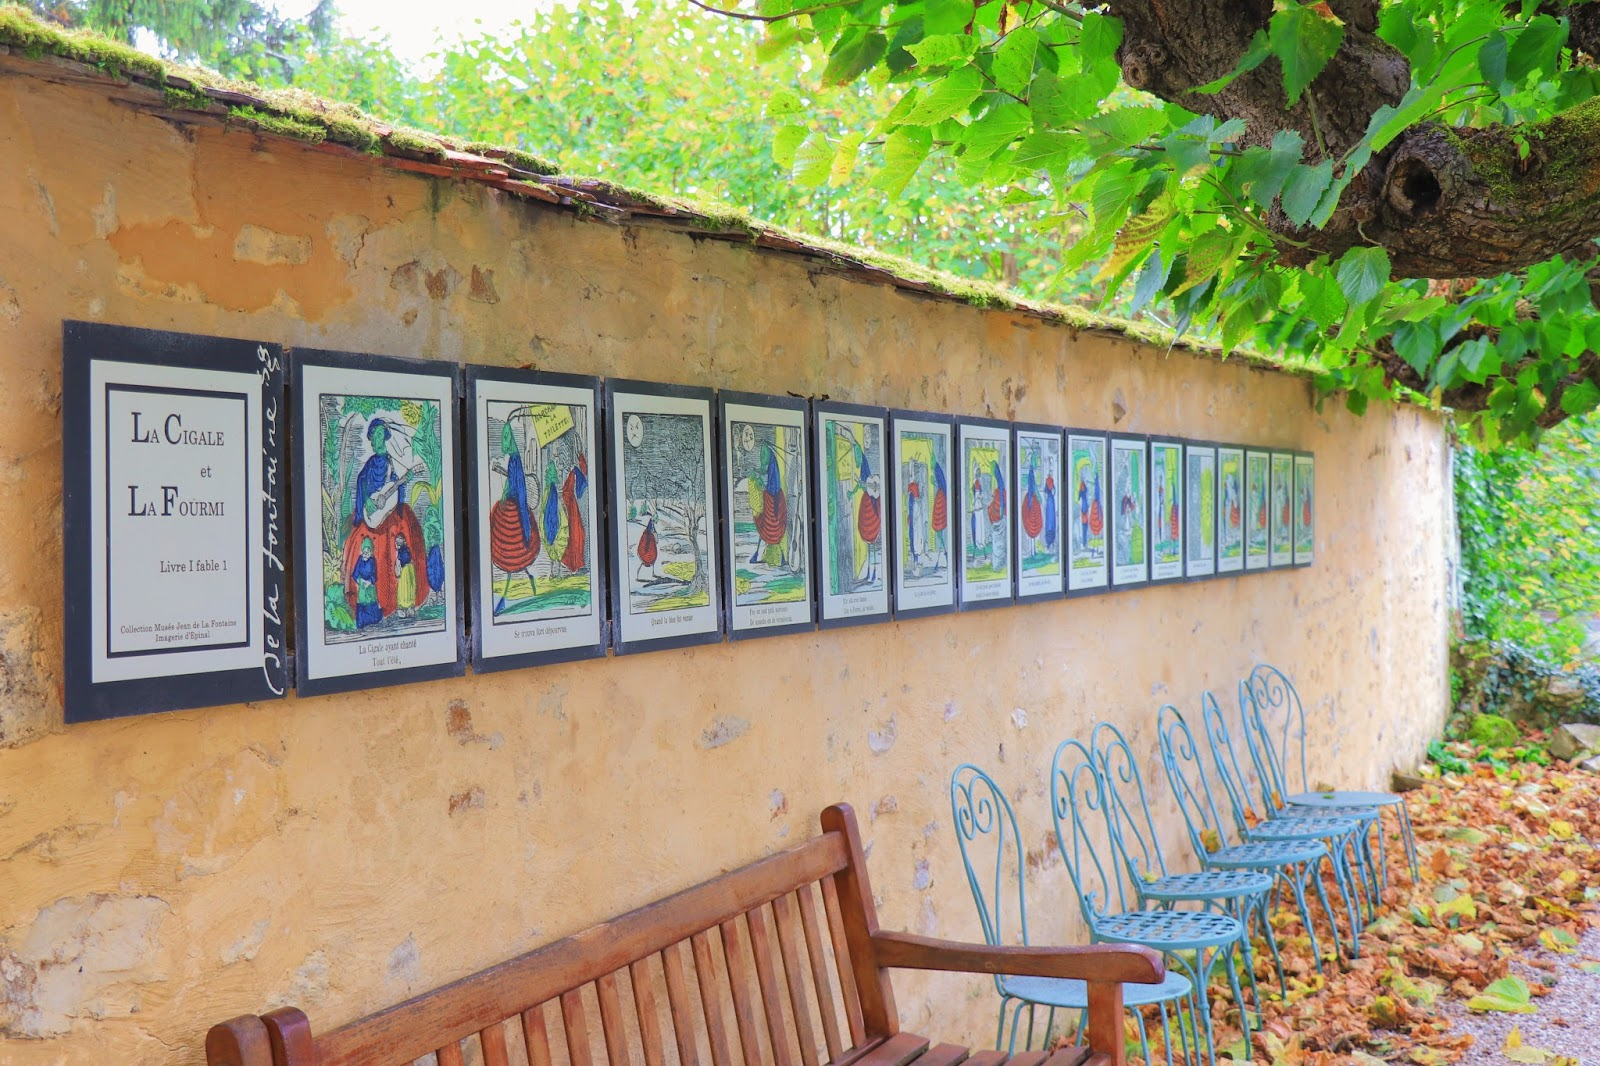 les gommettes de melo chateau thierry festival champagne et vous vigne route vin picardie aisne tourisme activites famille city guide vacances caves pannier musee jean de la fontaine